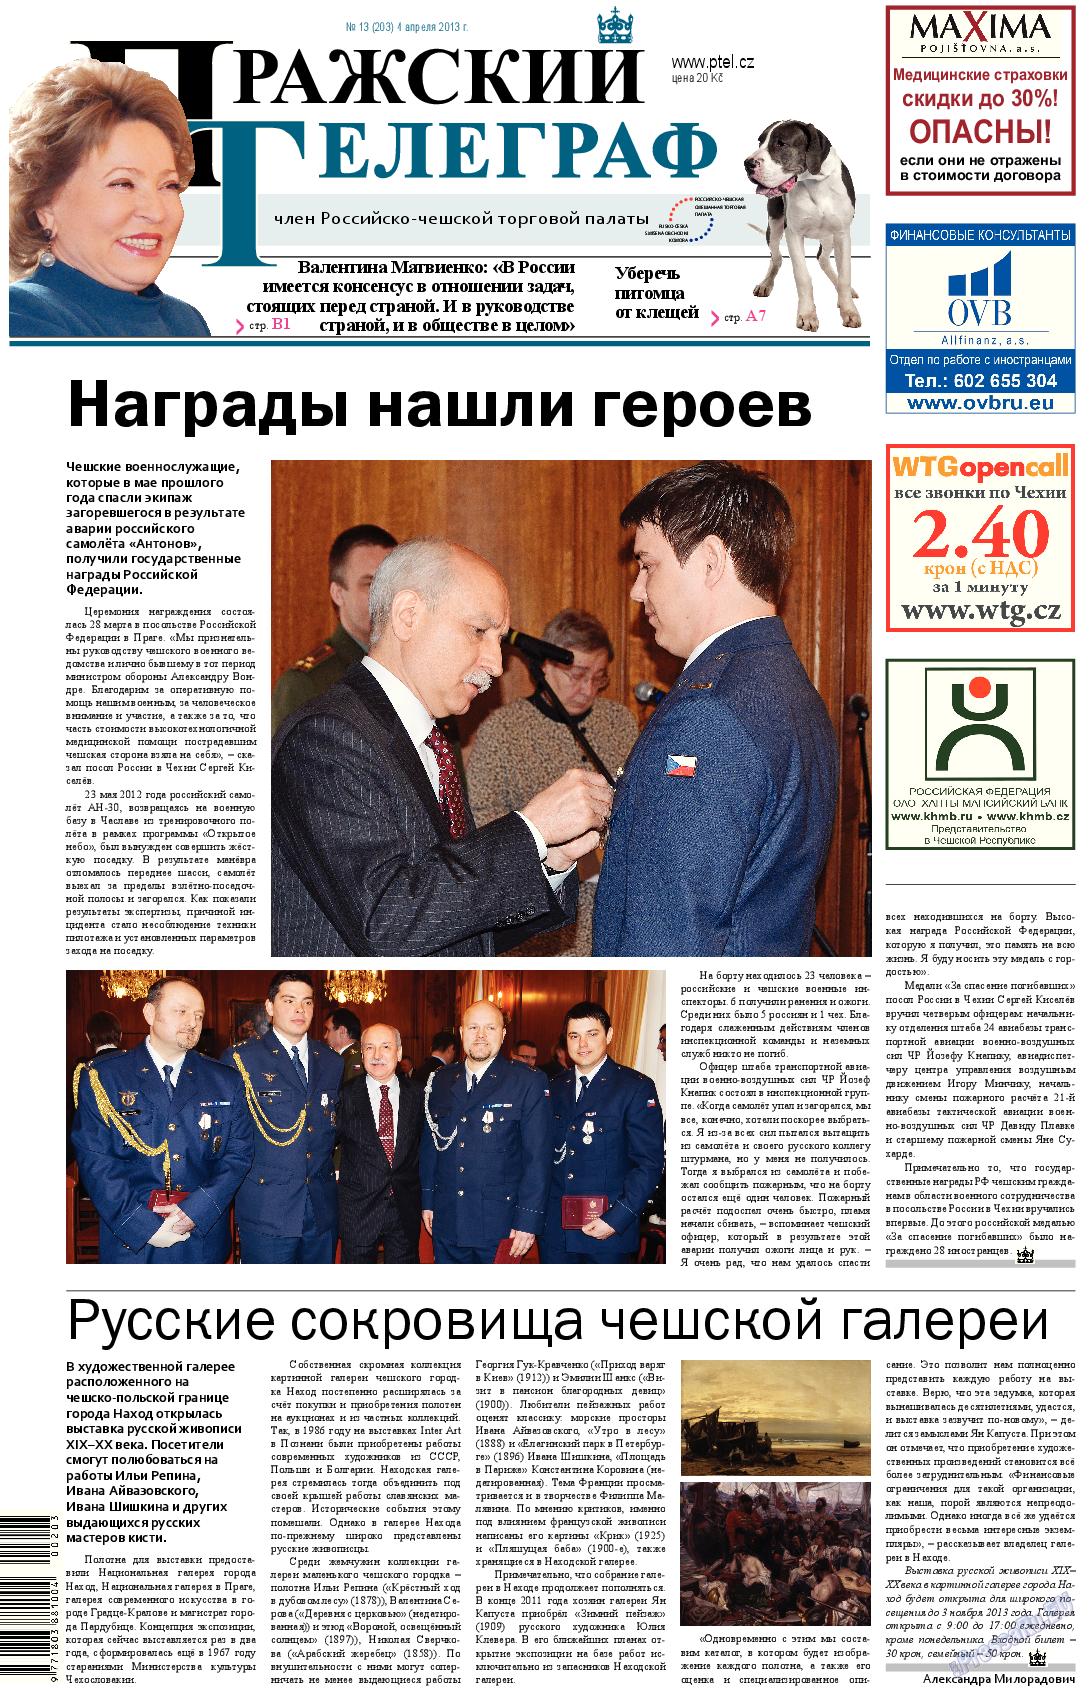 Пражский телеграф (газета). 2013 год, номер 13, стр. 1